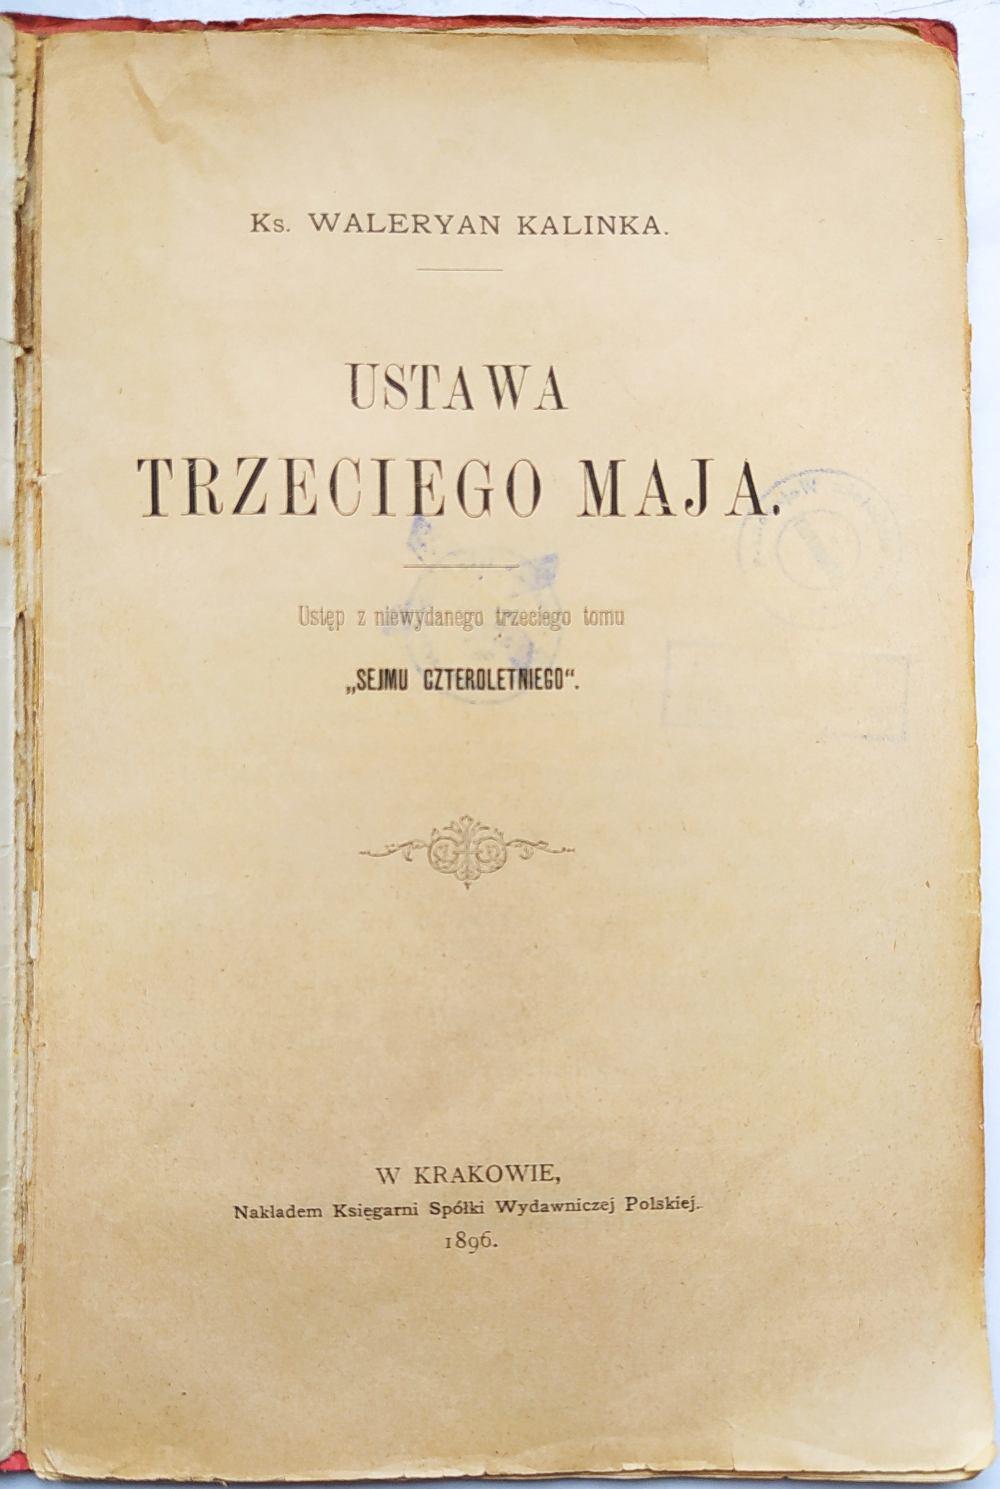 """Strona tytułowa książki ks. Waleriana Kalinki pt. """"Ustawa Trzeciego Maja"""", wydanej w Krakowie nakładem Księgarni Spółki Wydawniczej Polskiej w 1896 r."""